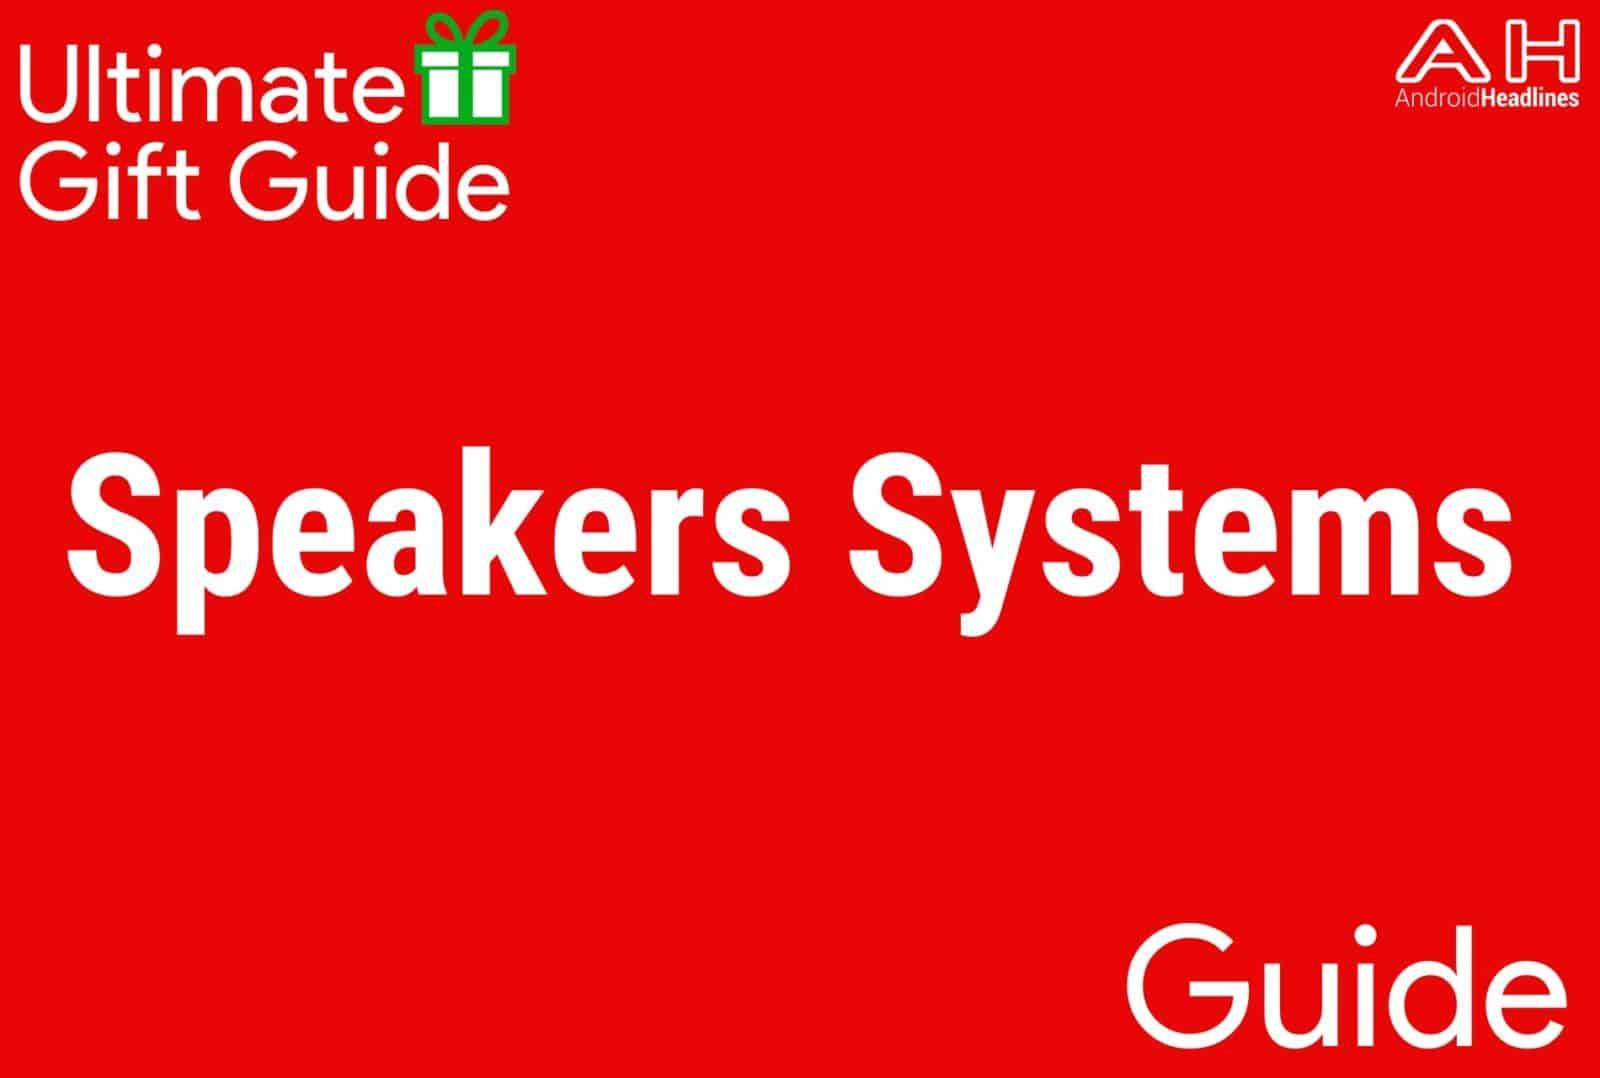 Speaker Systems - Gift Guide 2015